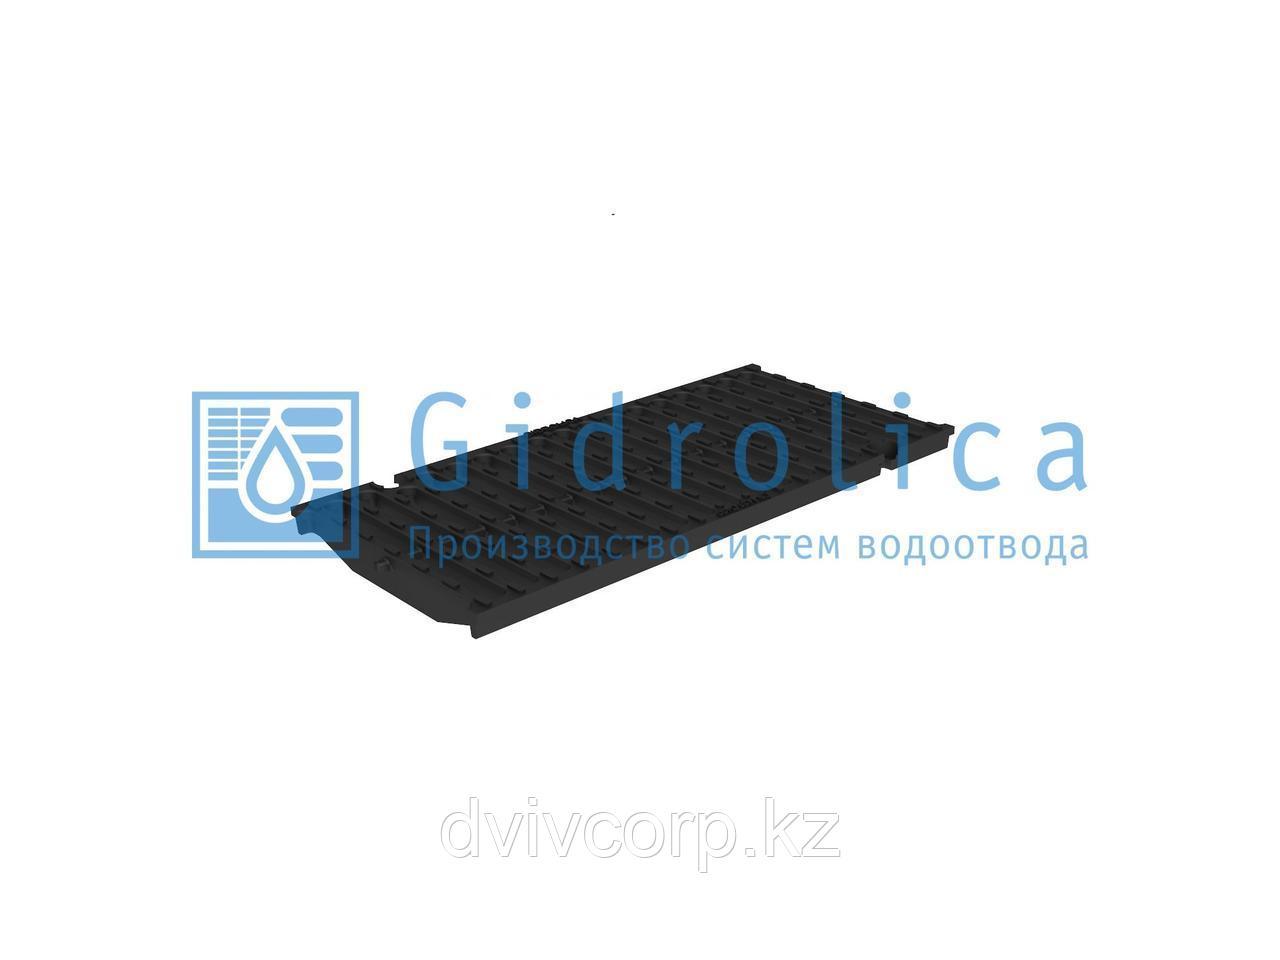 Решетка водоприемная Gidrolica Super РВ -20.24.50 - щелевая чугунная ВЧ, кл. D400